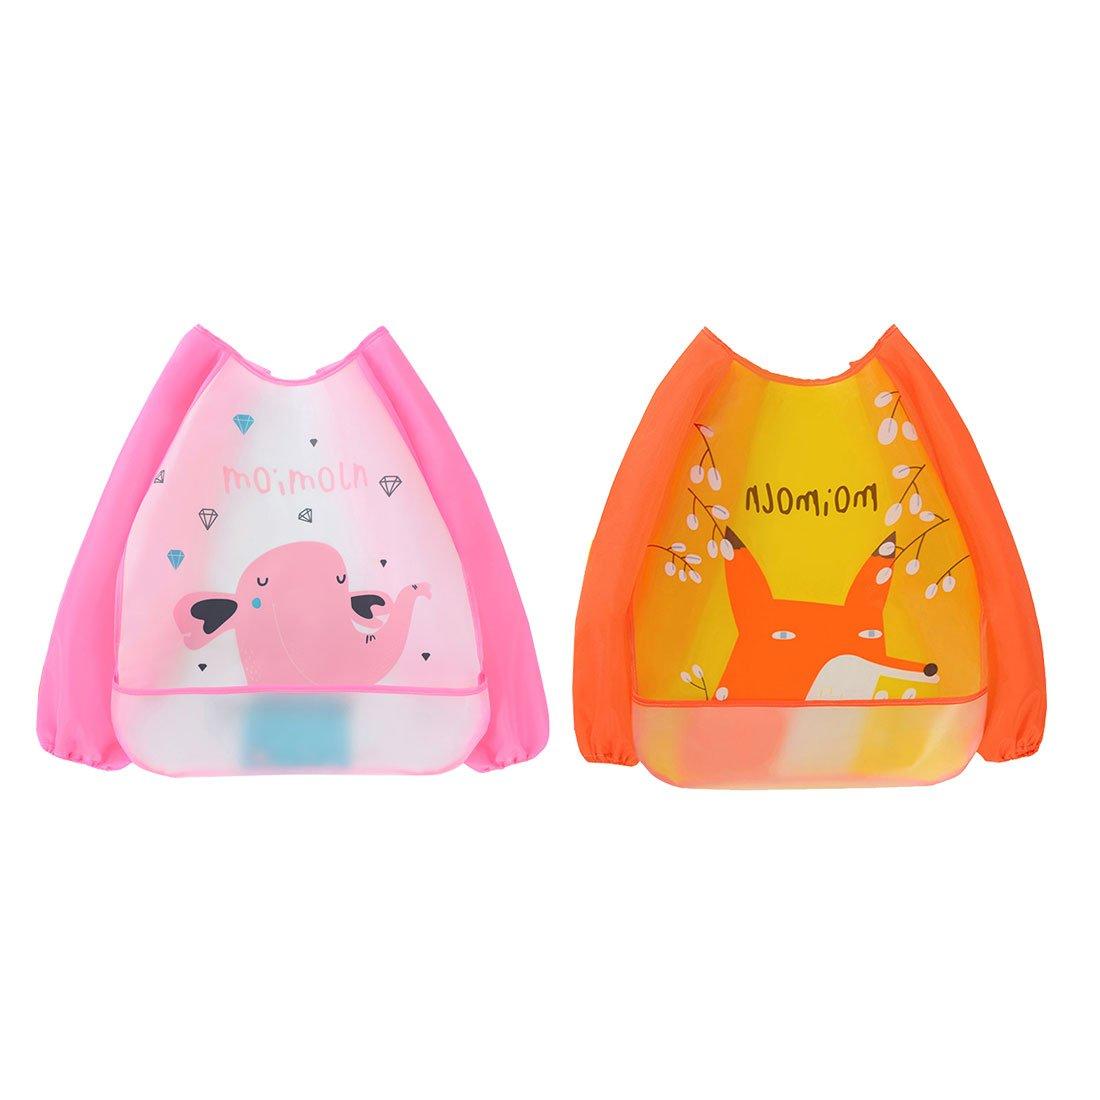 Irypulse 2er Pack Waterproof Fütterung Lätzchen Malerei Schürze, Langarm Waschbar Essen und Spielen Kittel mit Fronttasche für Verschüttetheiten, Unisex EVA Sleeved Overall für 0-3 Jahre Baby Infant Toddler (A)